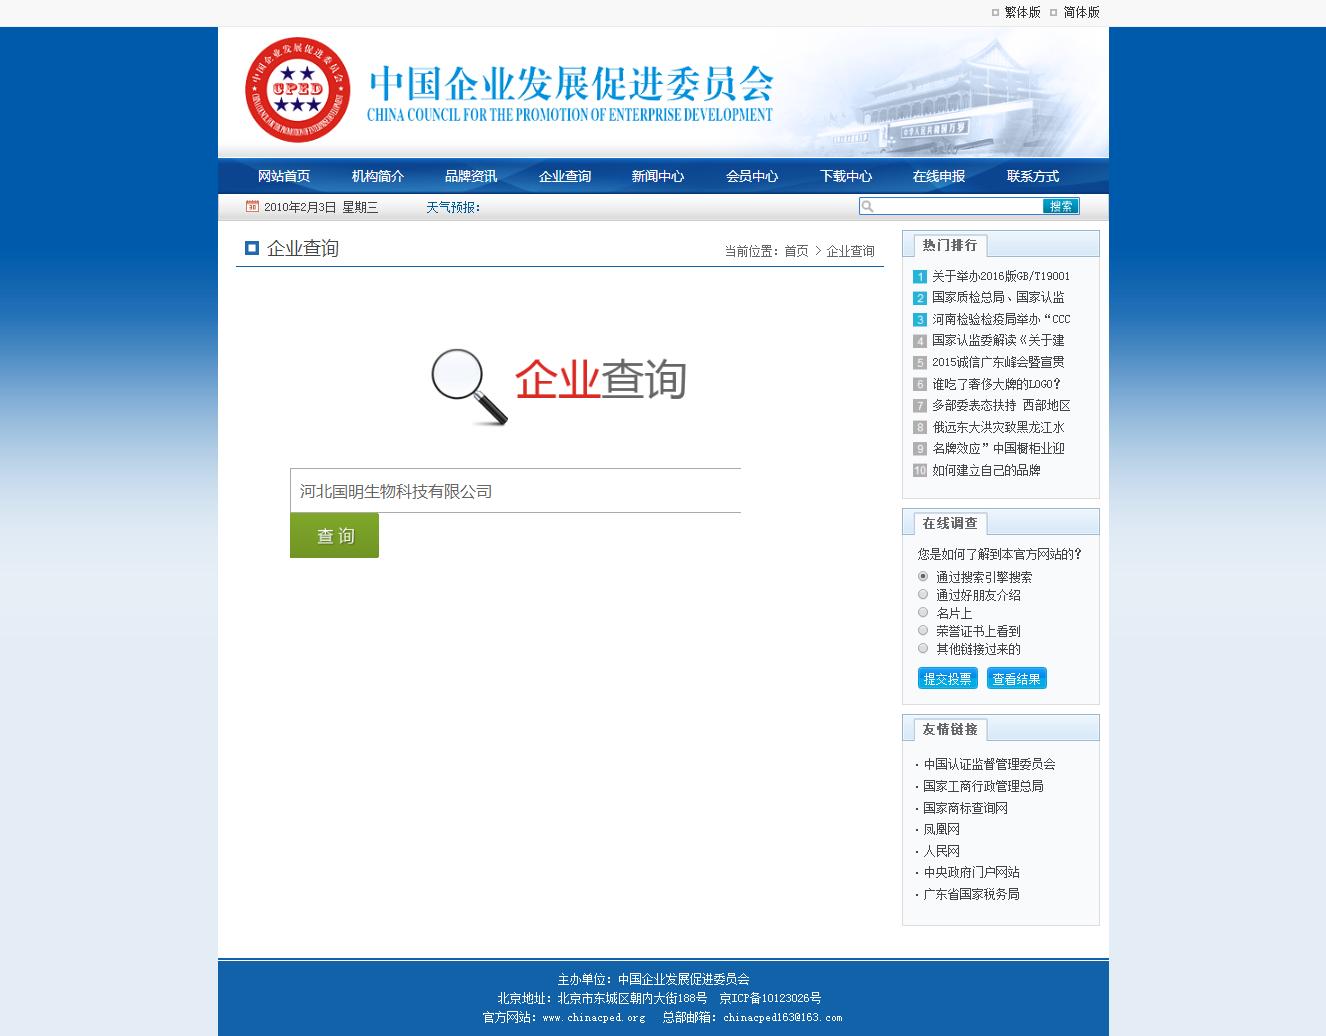 中國企業發展促進委員會3.png